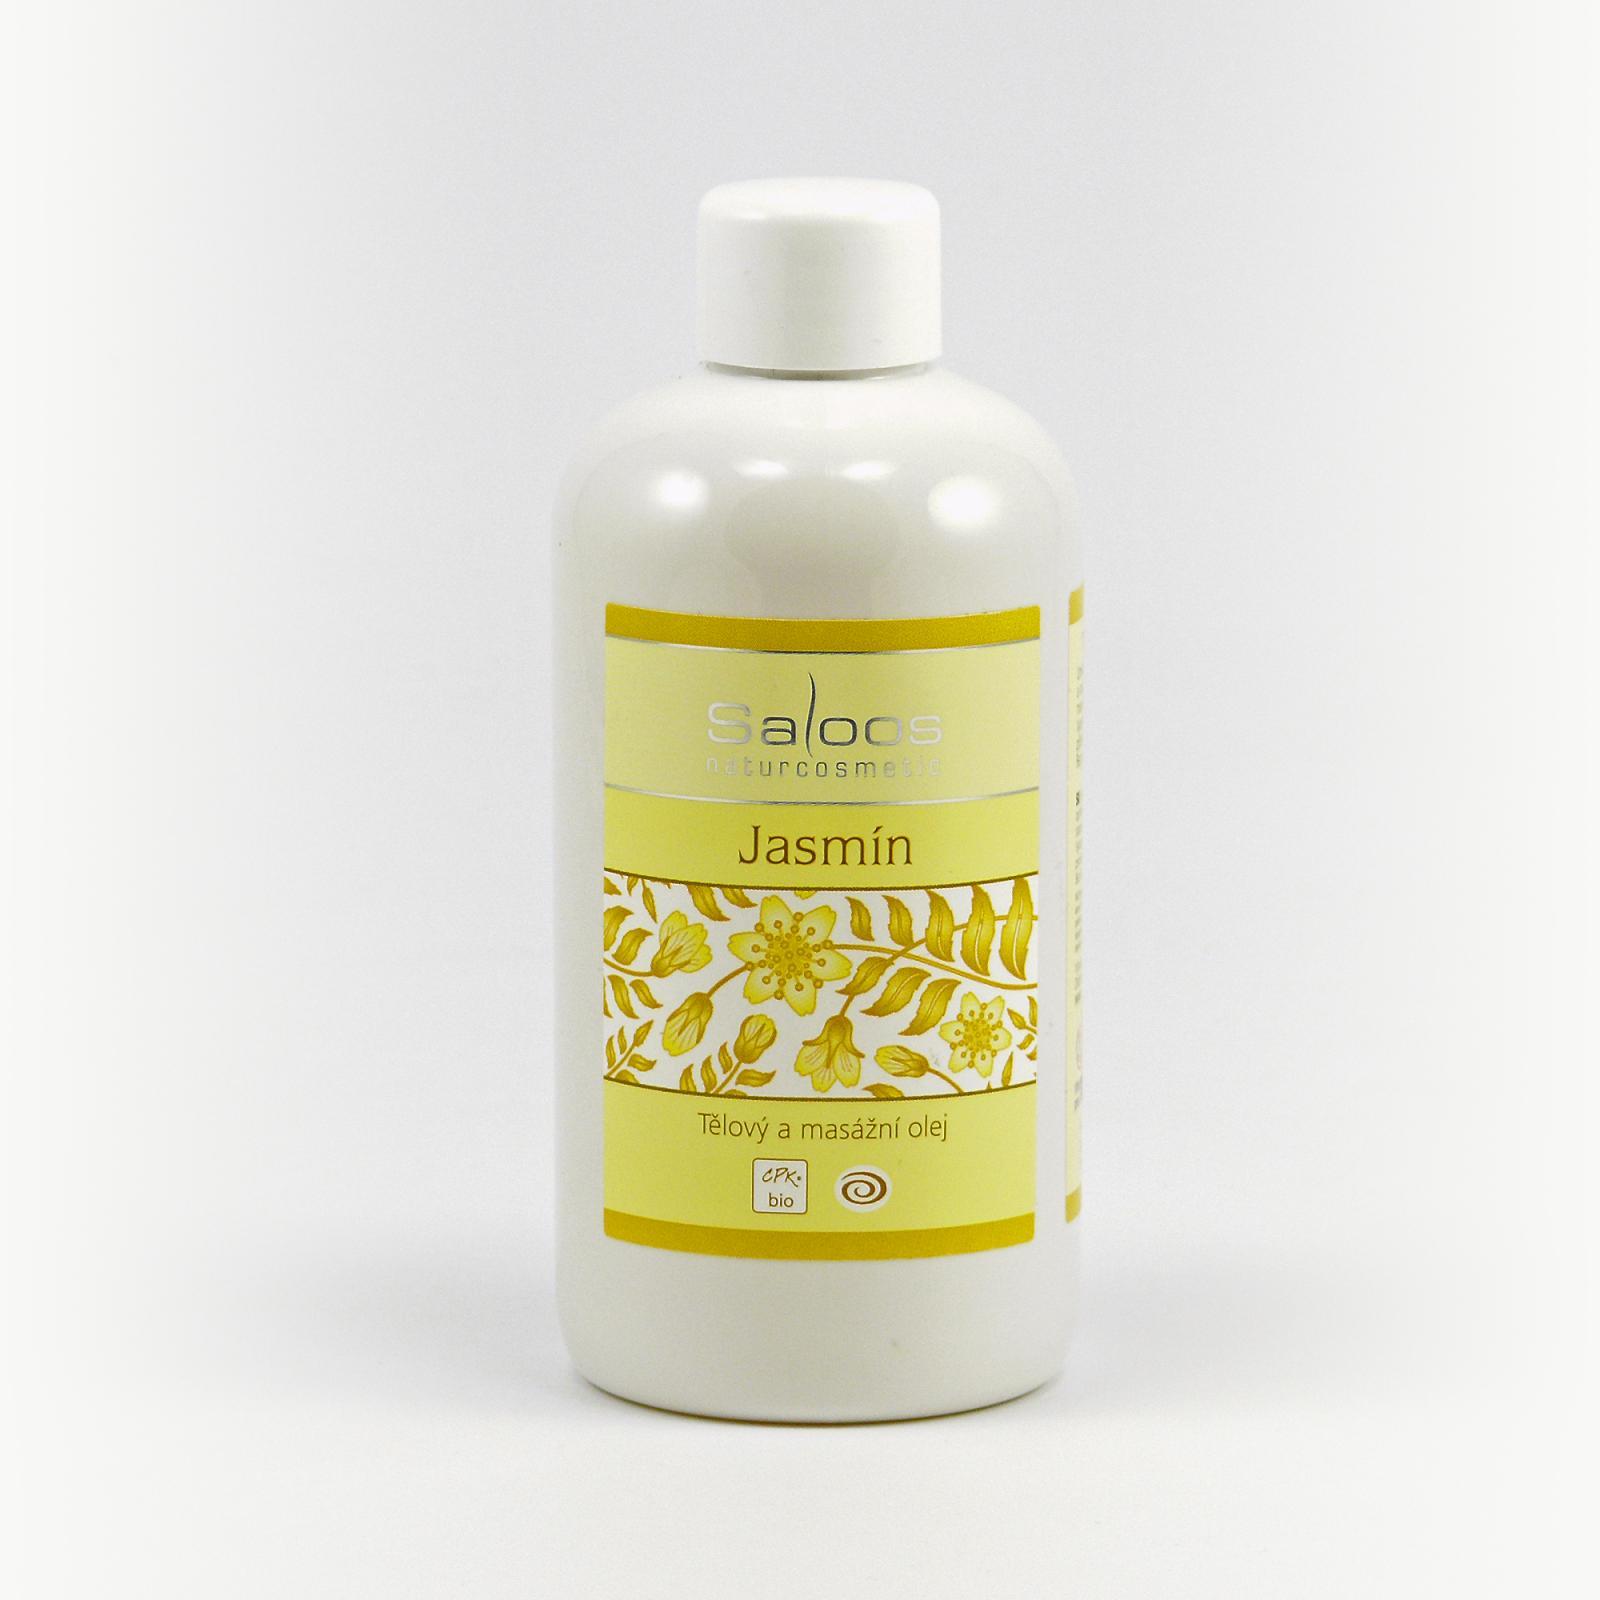 Saloos Masážní olej jasmín 250 ml